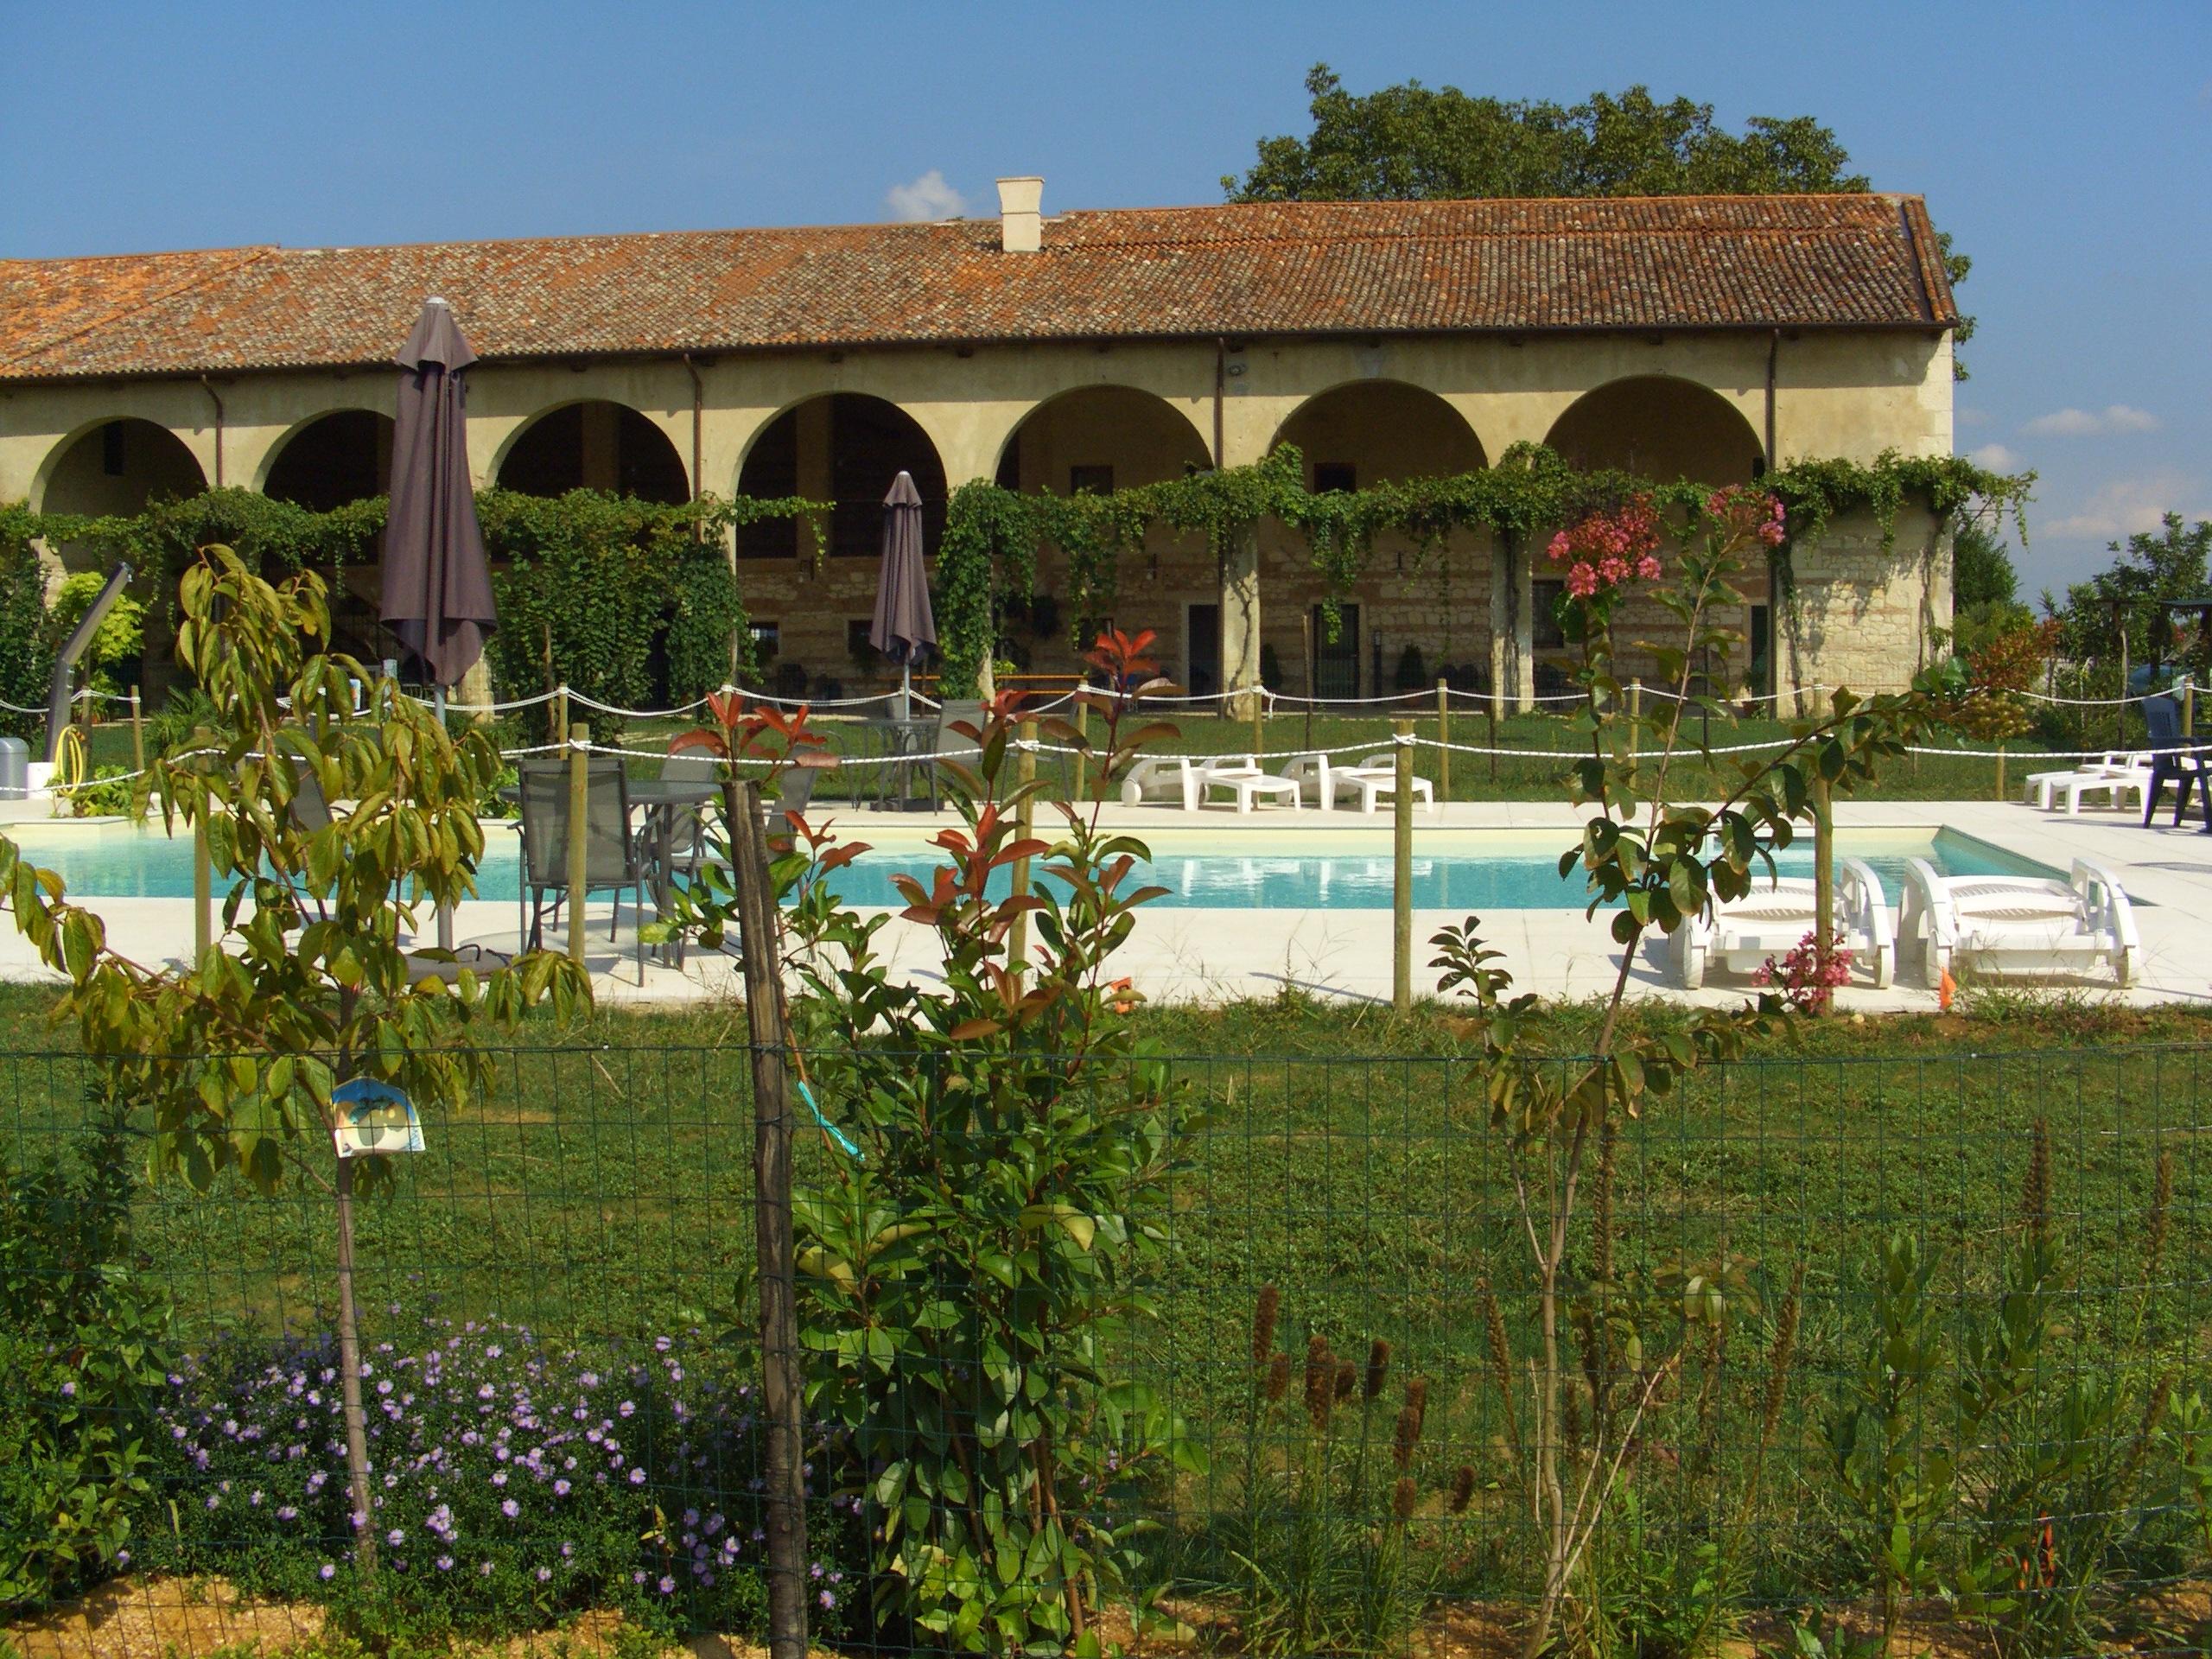 century villa | century villa vicenza | Overplace